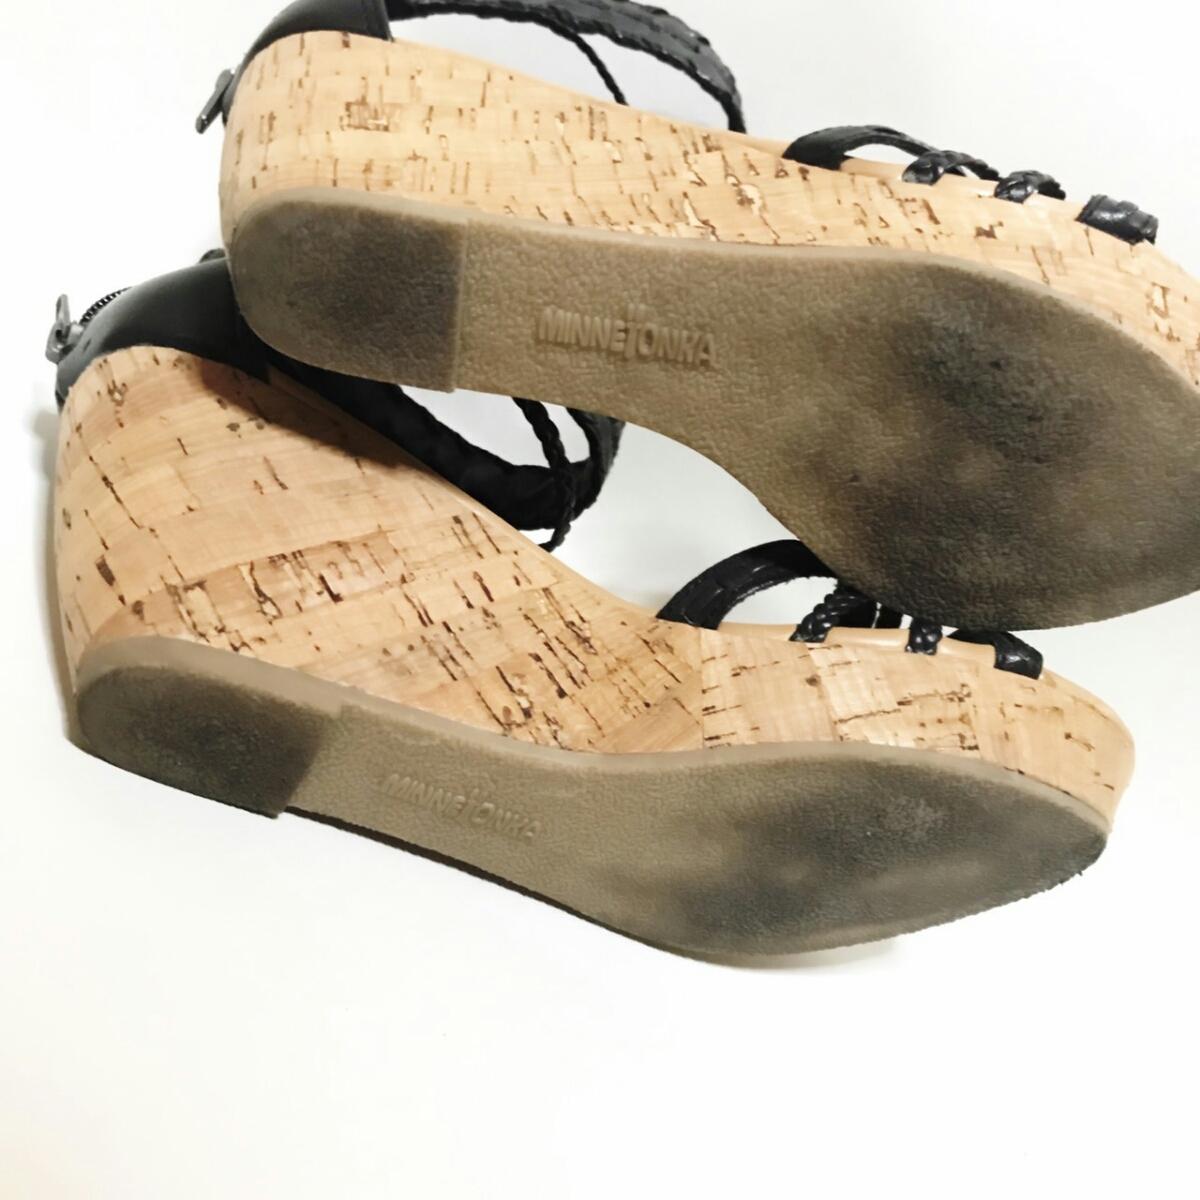 MINNE TONKA 23.5cmぐらい 3E レディース サンダル パンプス ブラック 黒 ミネトンカ 婦人 靴 くつ 中古 g001_画像5